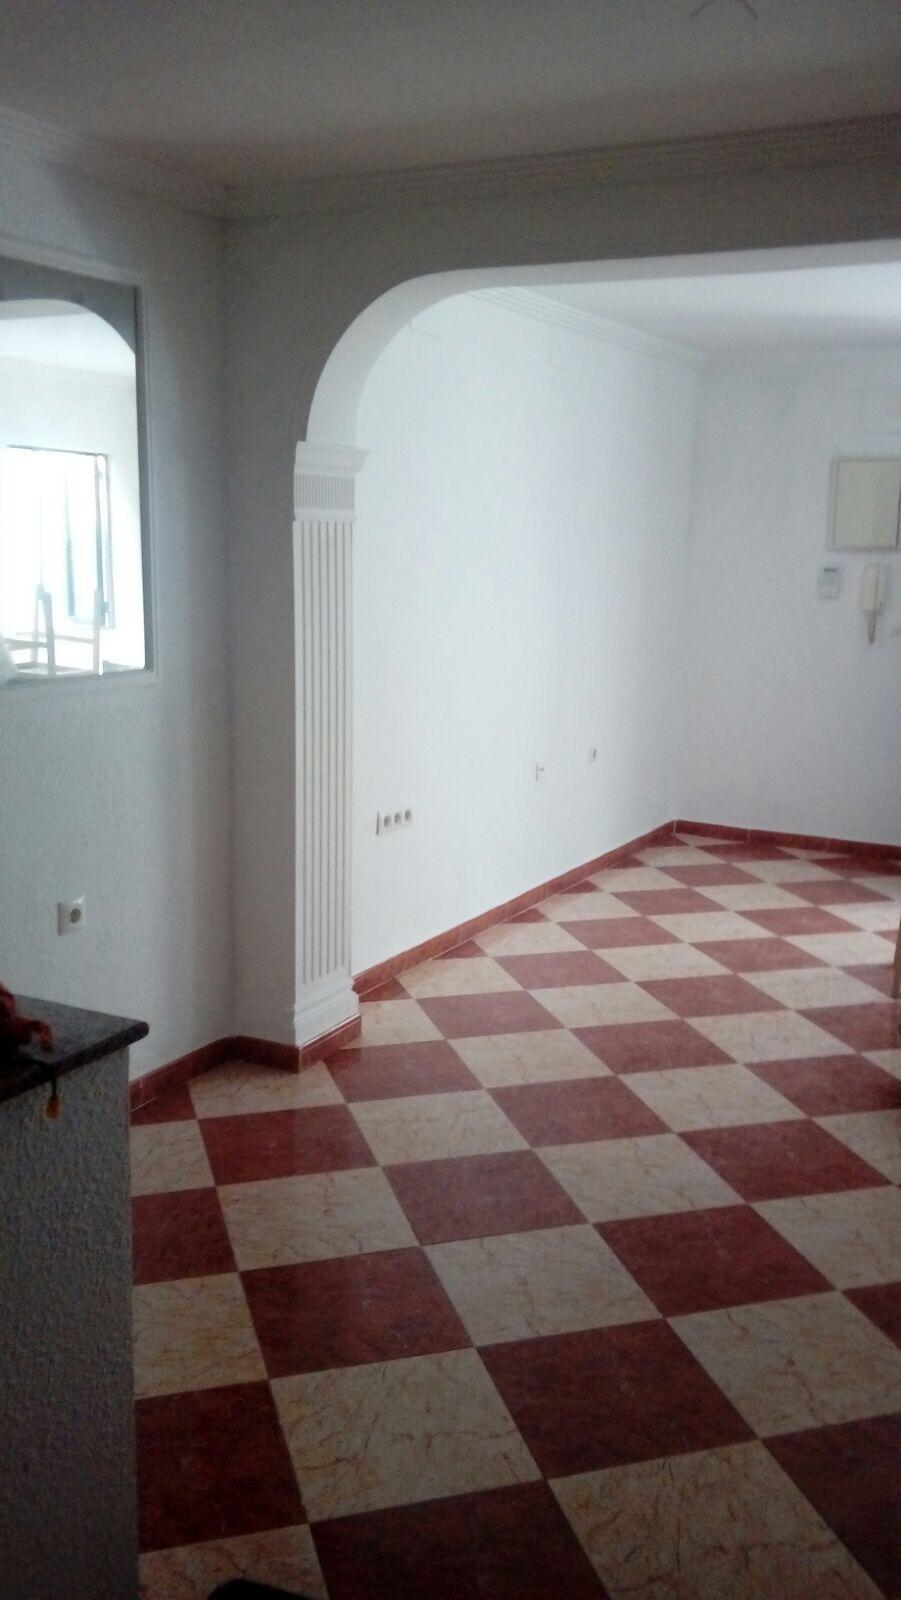 Piso en venta en Distrito Cerro-amate, Sevilla, Sevilla, Calle Solidaridad, 58.000 €, 2 habitaciones, 1 baño, 67 m2